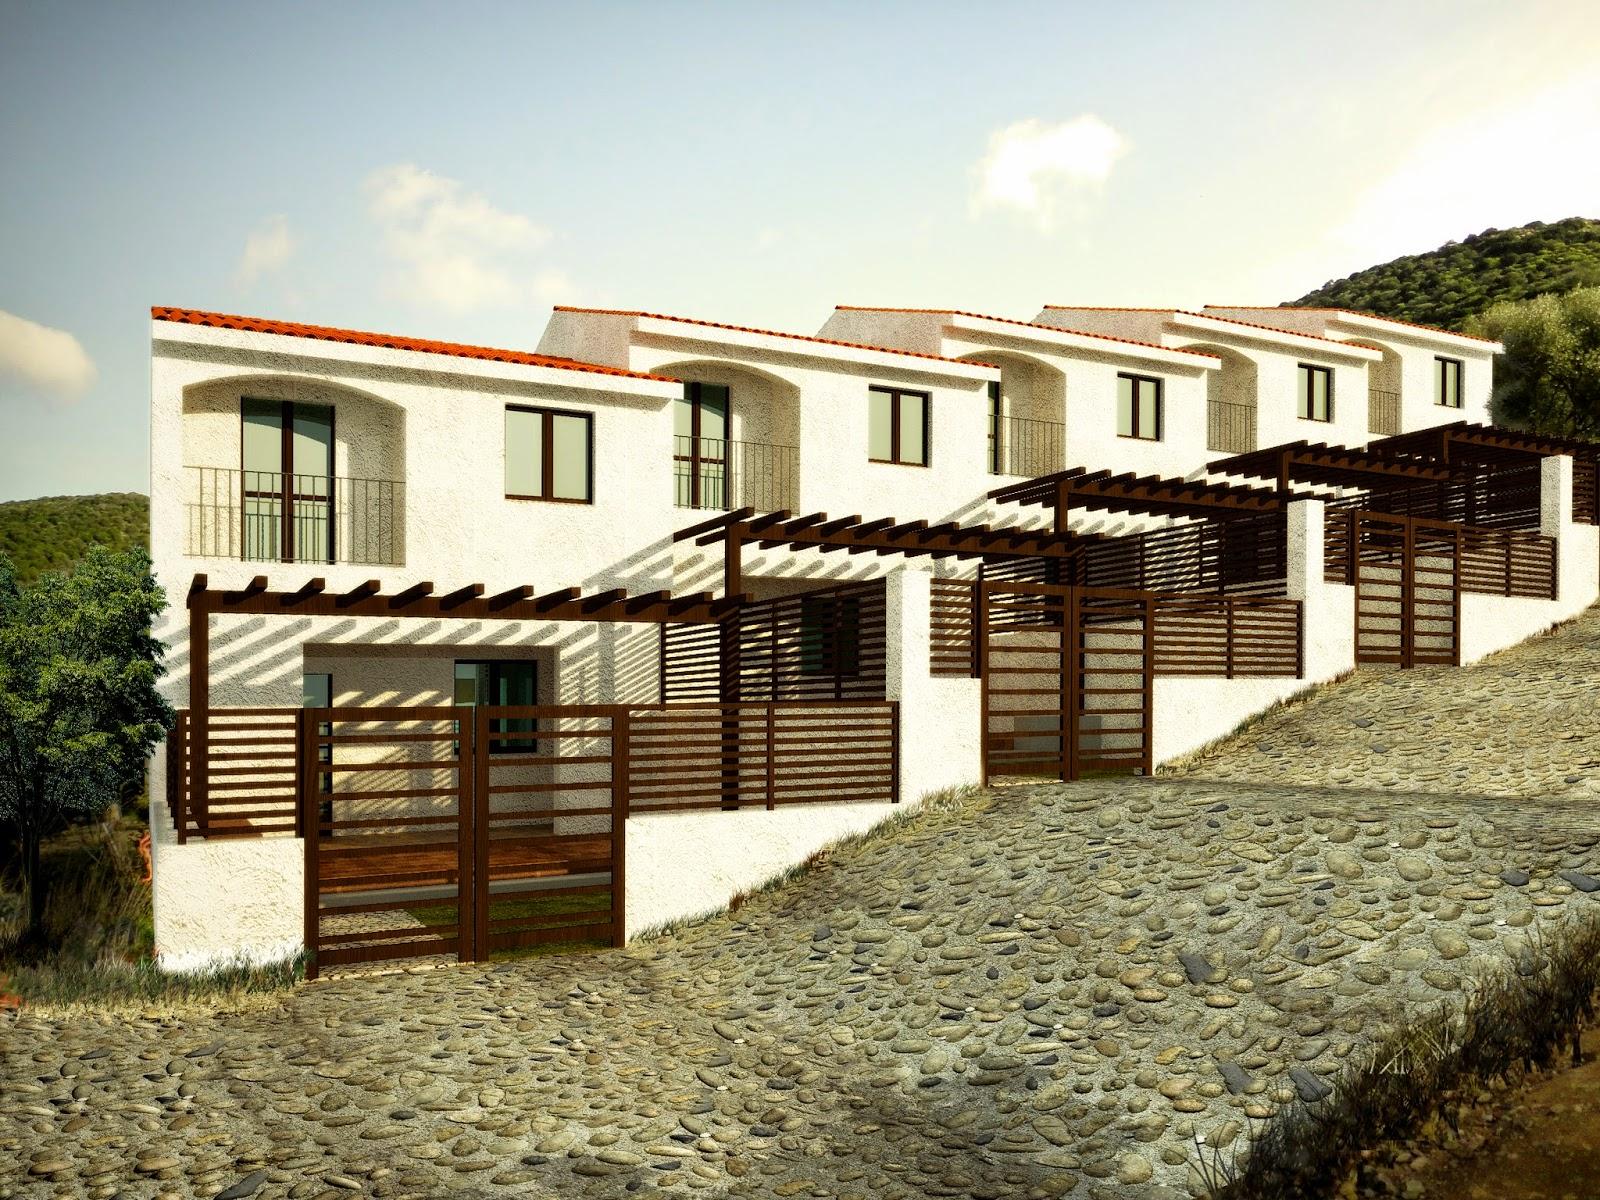 Spiga marco c sas costruzioni edili vendita villette for Planimetrie in vendita